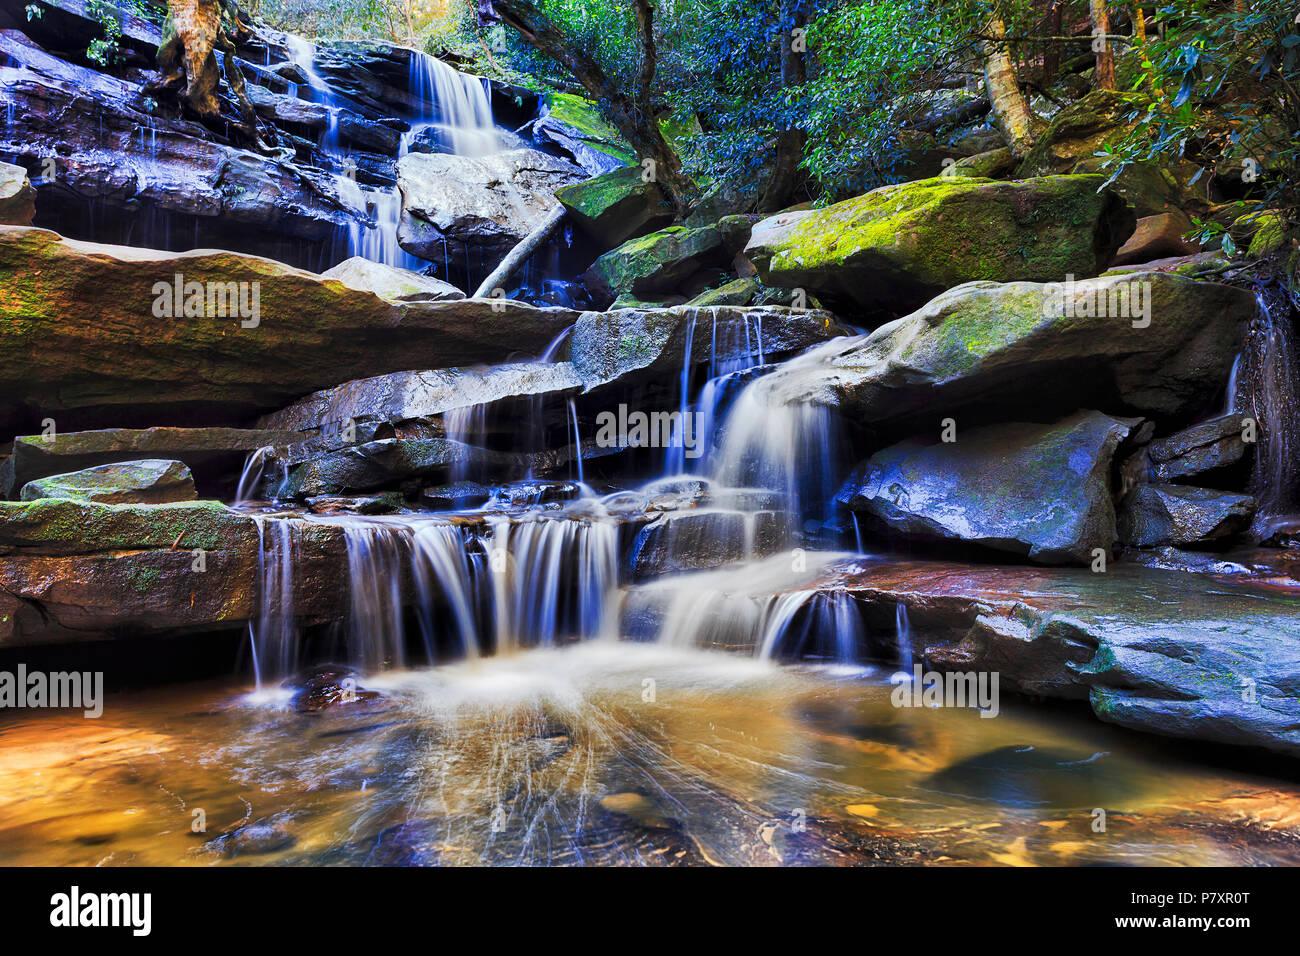 Glatte, fließende Wasserfall Kaskade von Sandsteinfelsen im tiefen Regenwald Creek in der Nähe von SOmersby auf australischen Central Coast. Stockbild